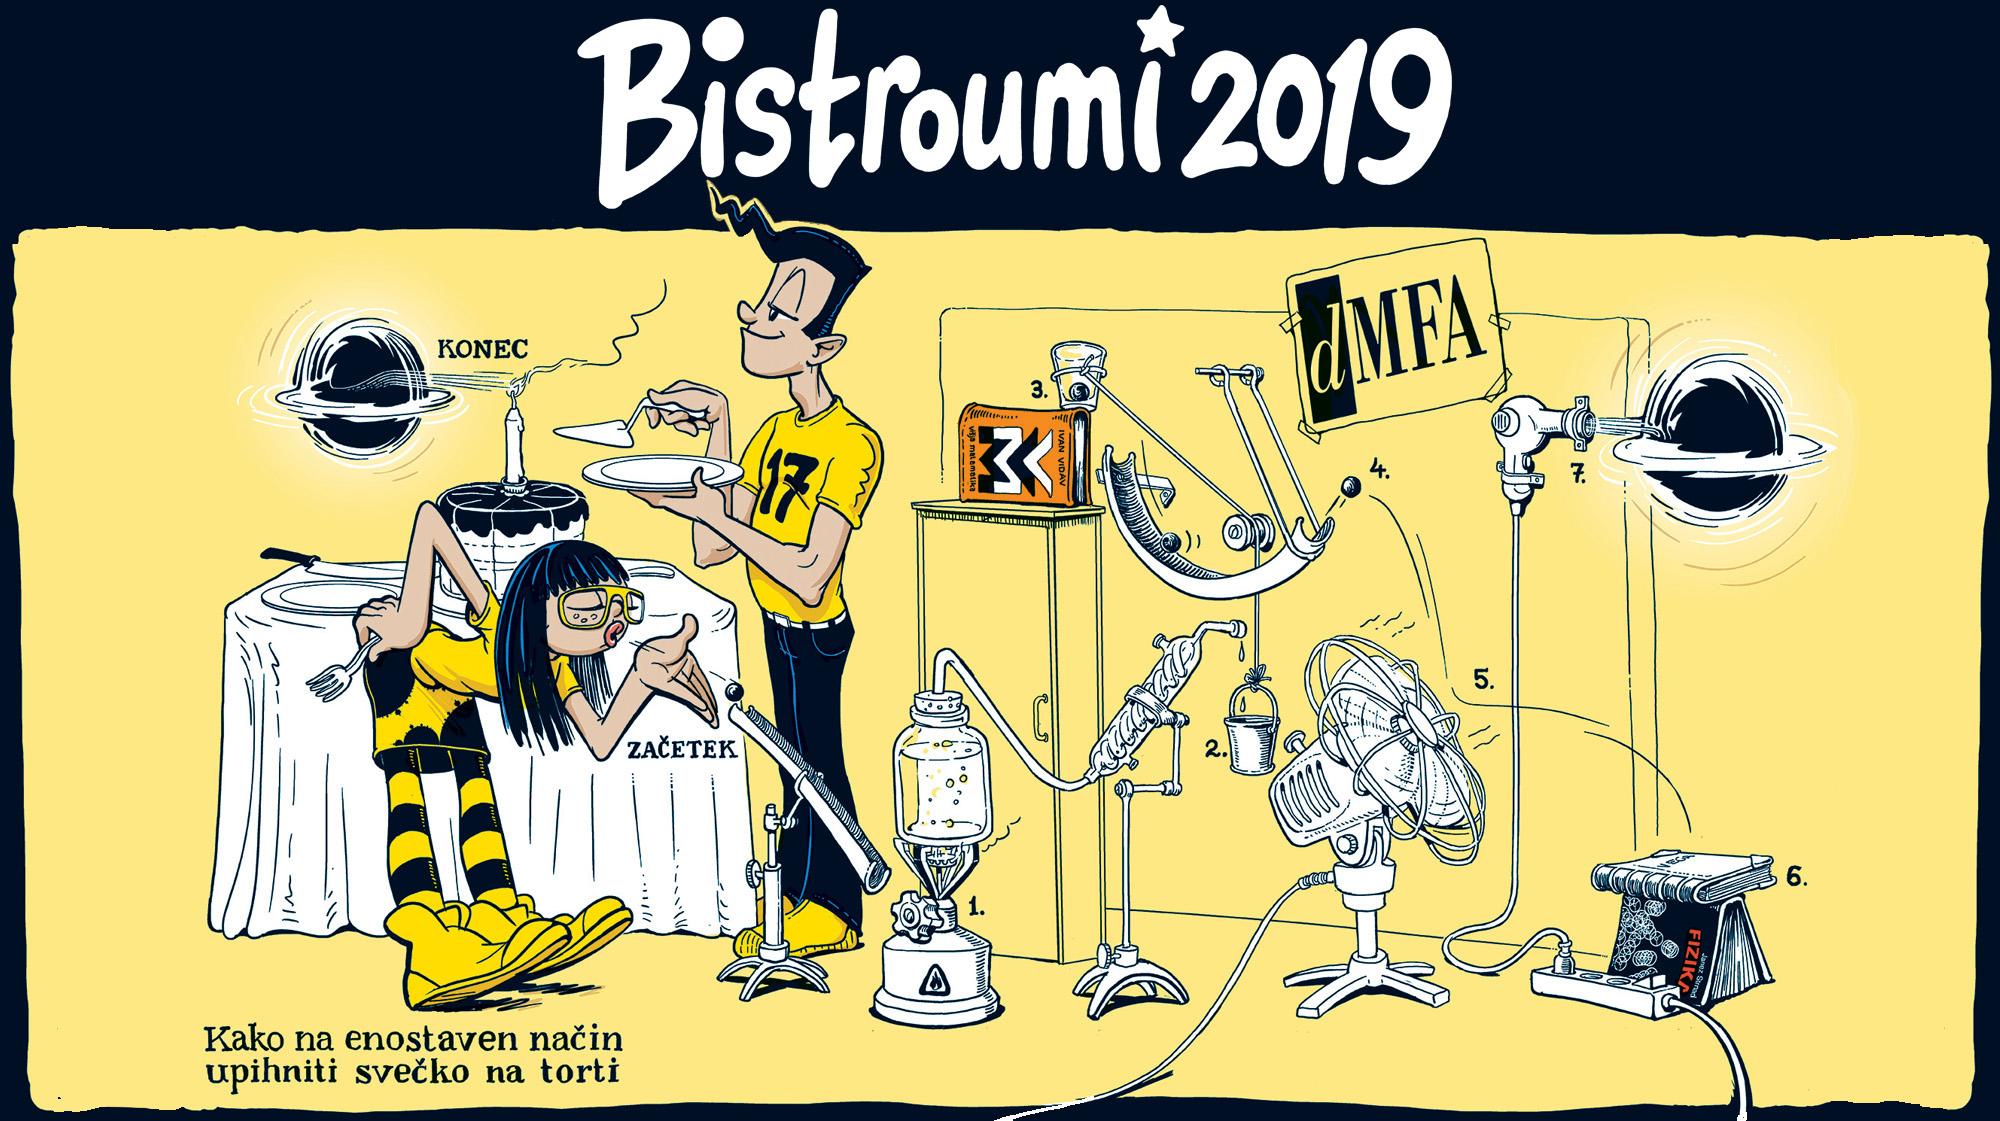 Naslovnica Bistroumi 2019